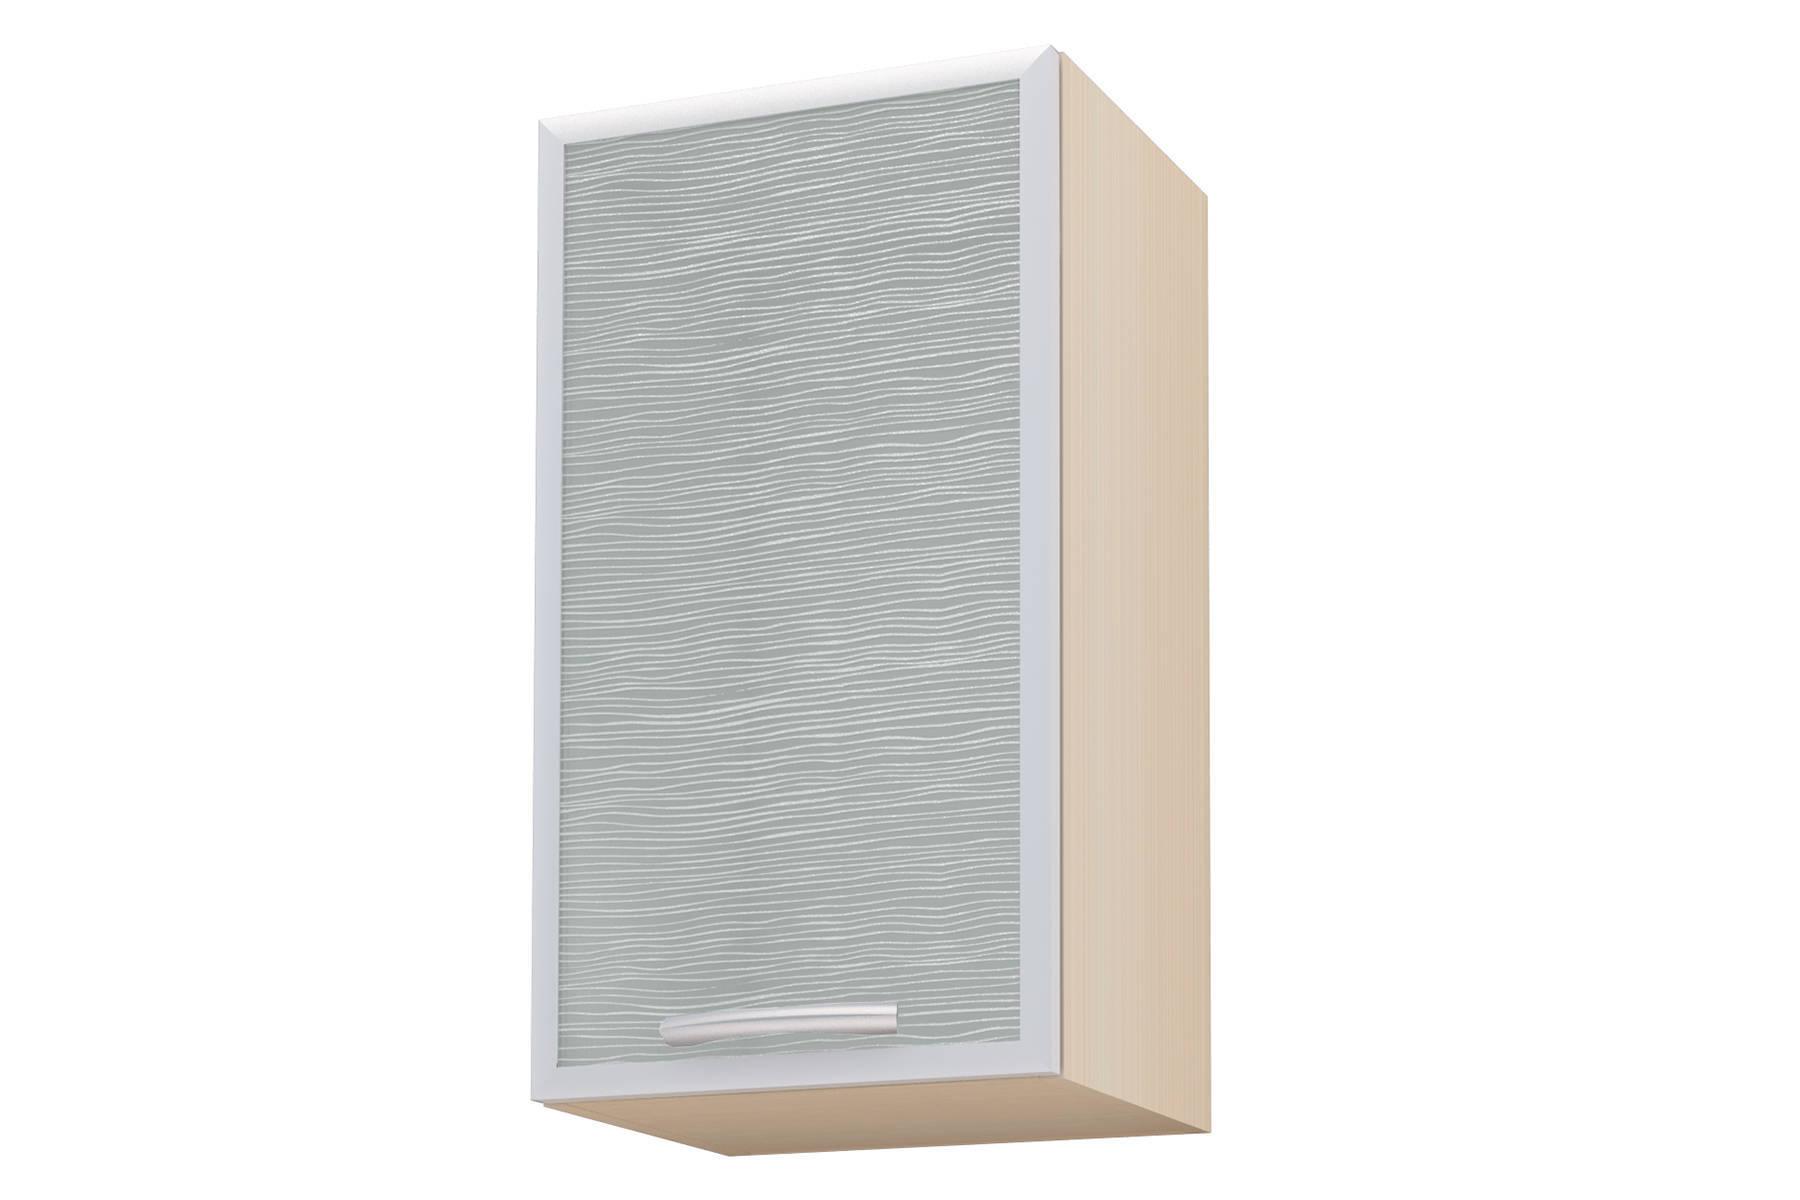 Селена шкаф навесной ш.400, фасад левый latitude подвесной светильник latitude beton makt grey aluminum